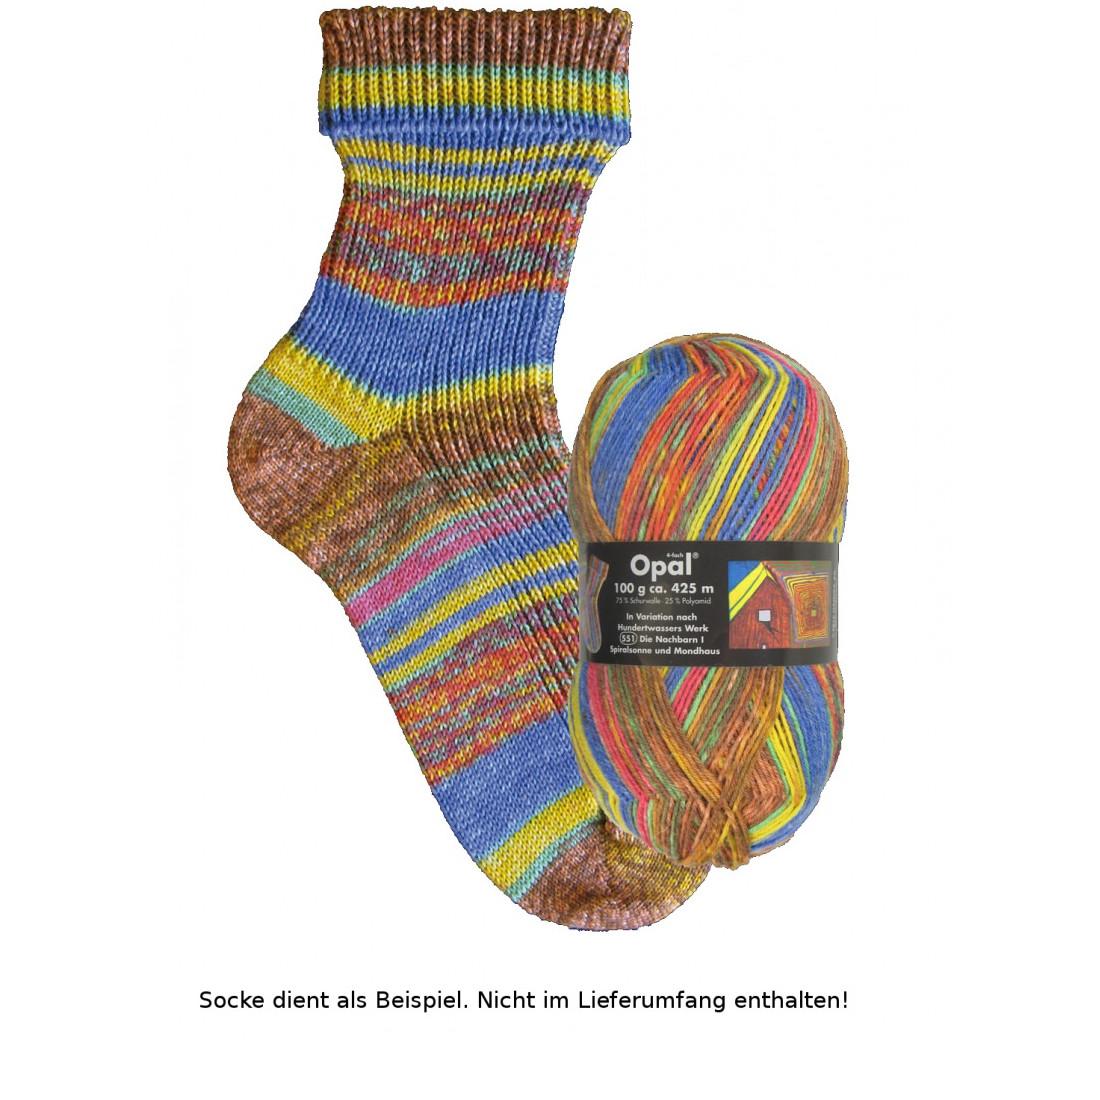 - Opal Hundertwasser Sockenwolle 100g - 2100 Die Nachbarn I - Opal Hundertwasser Sockenwolle 100g - 2100 Die Nachbarn I